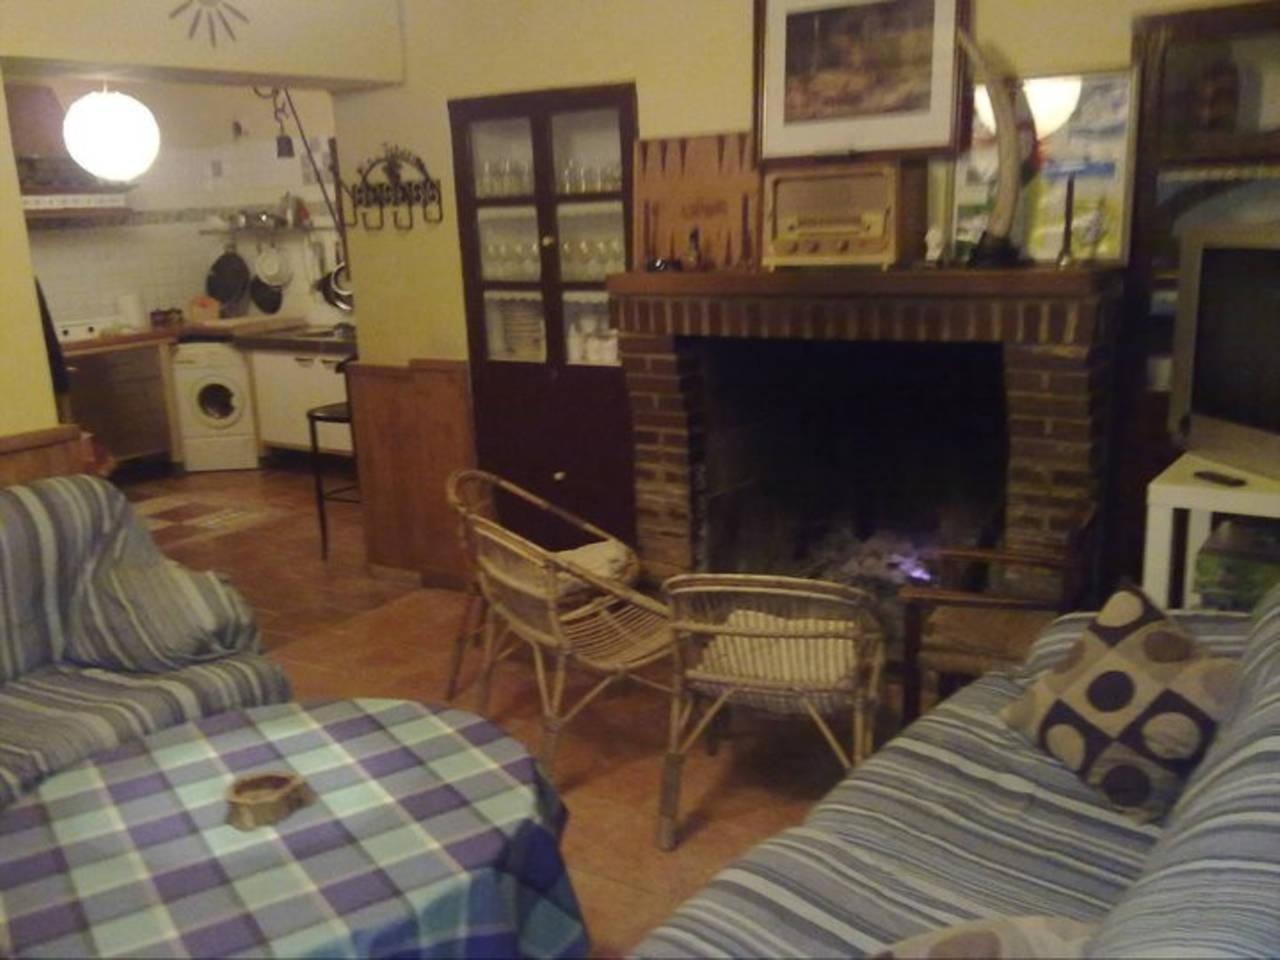 Alquiler vacaciones en Doña Inés, Murcia